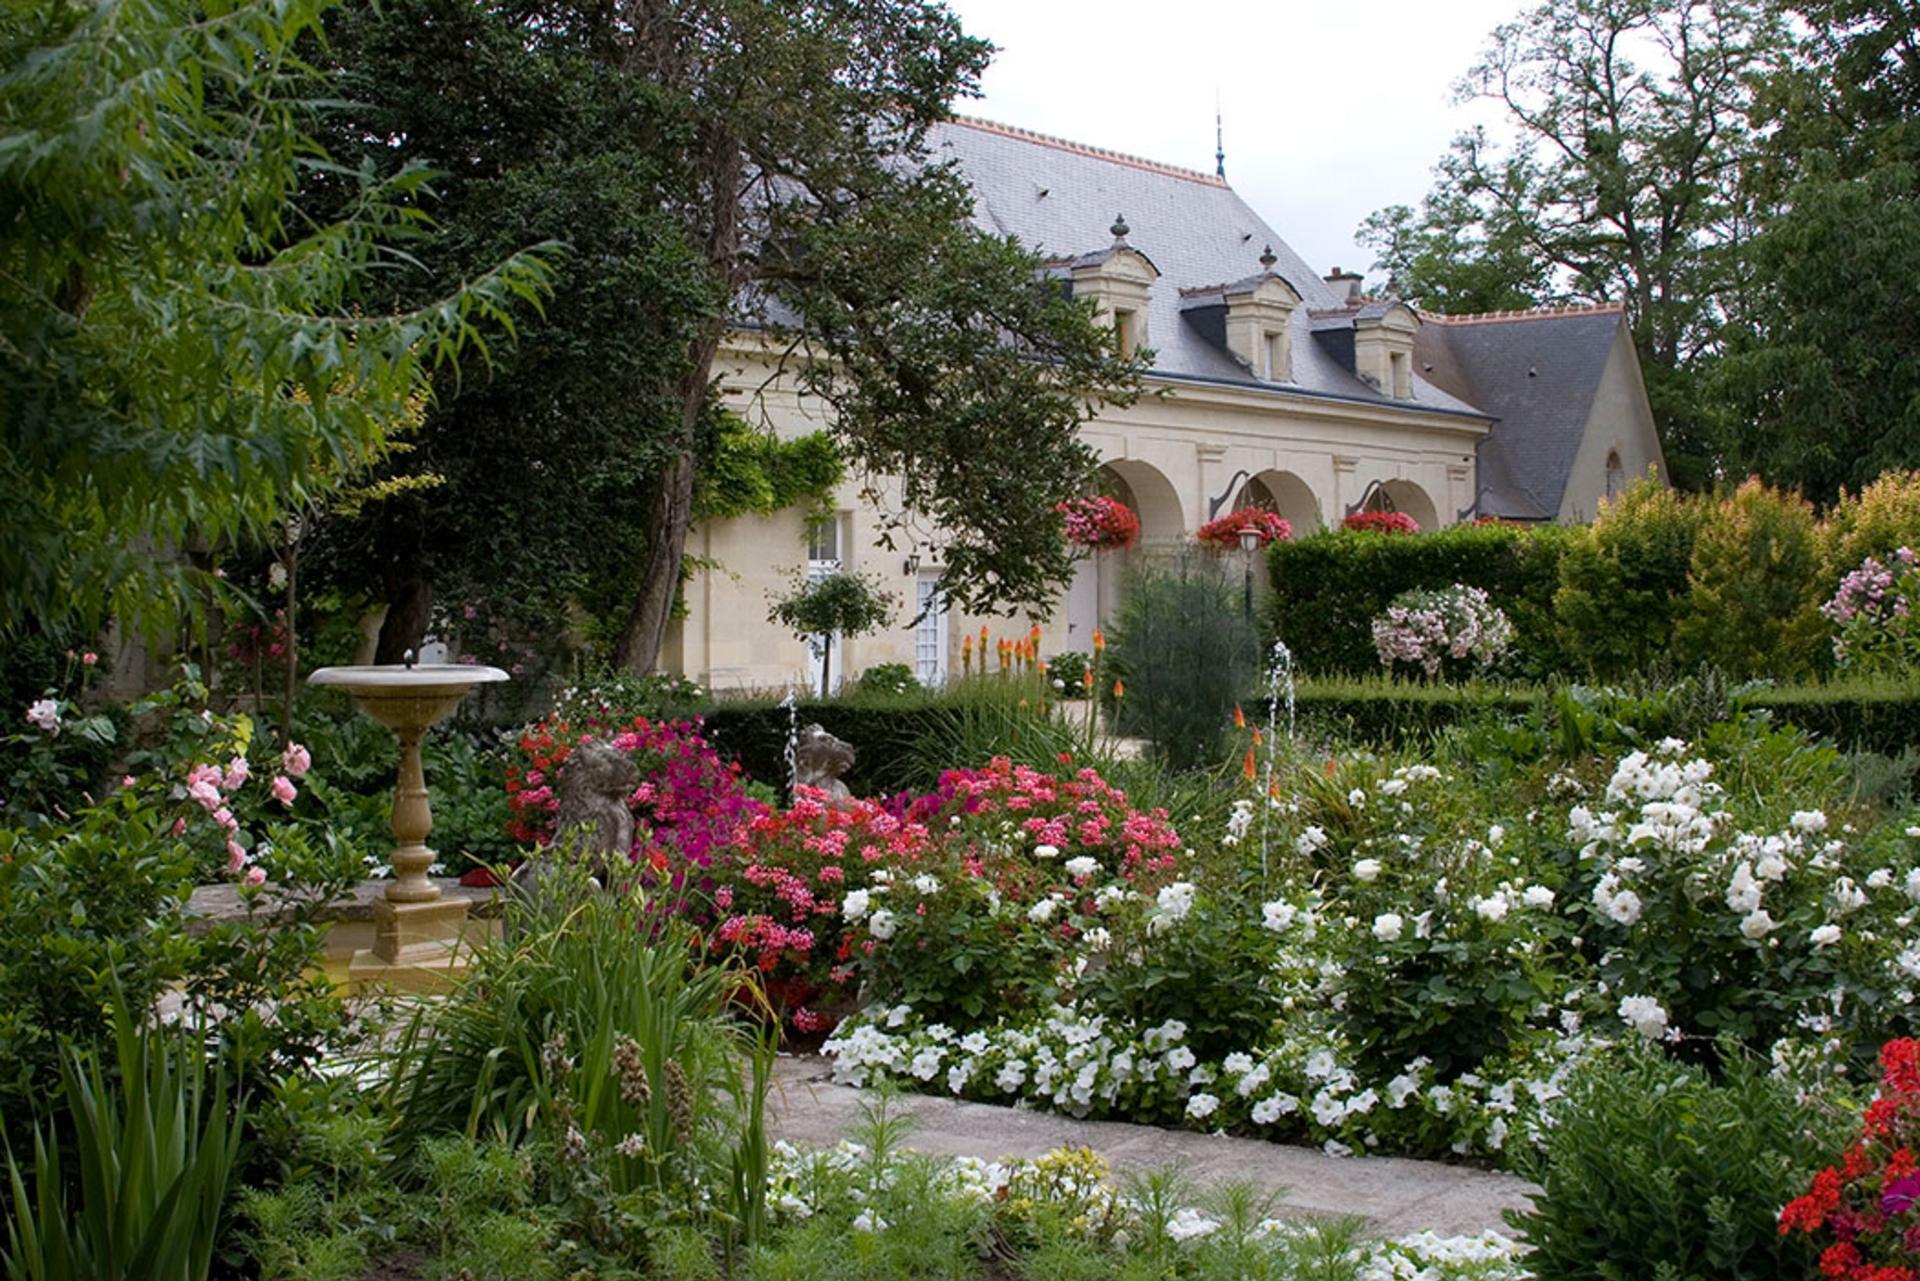 Villa Exterior Garden 2, Chateau de Detilly, Loire, Saumur.